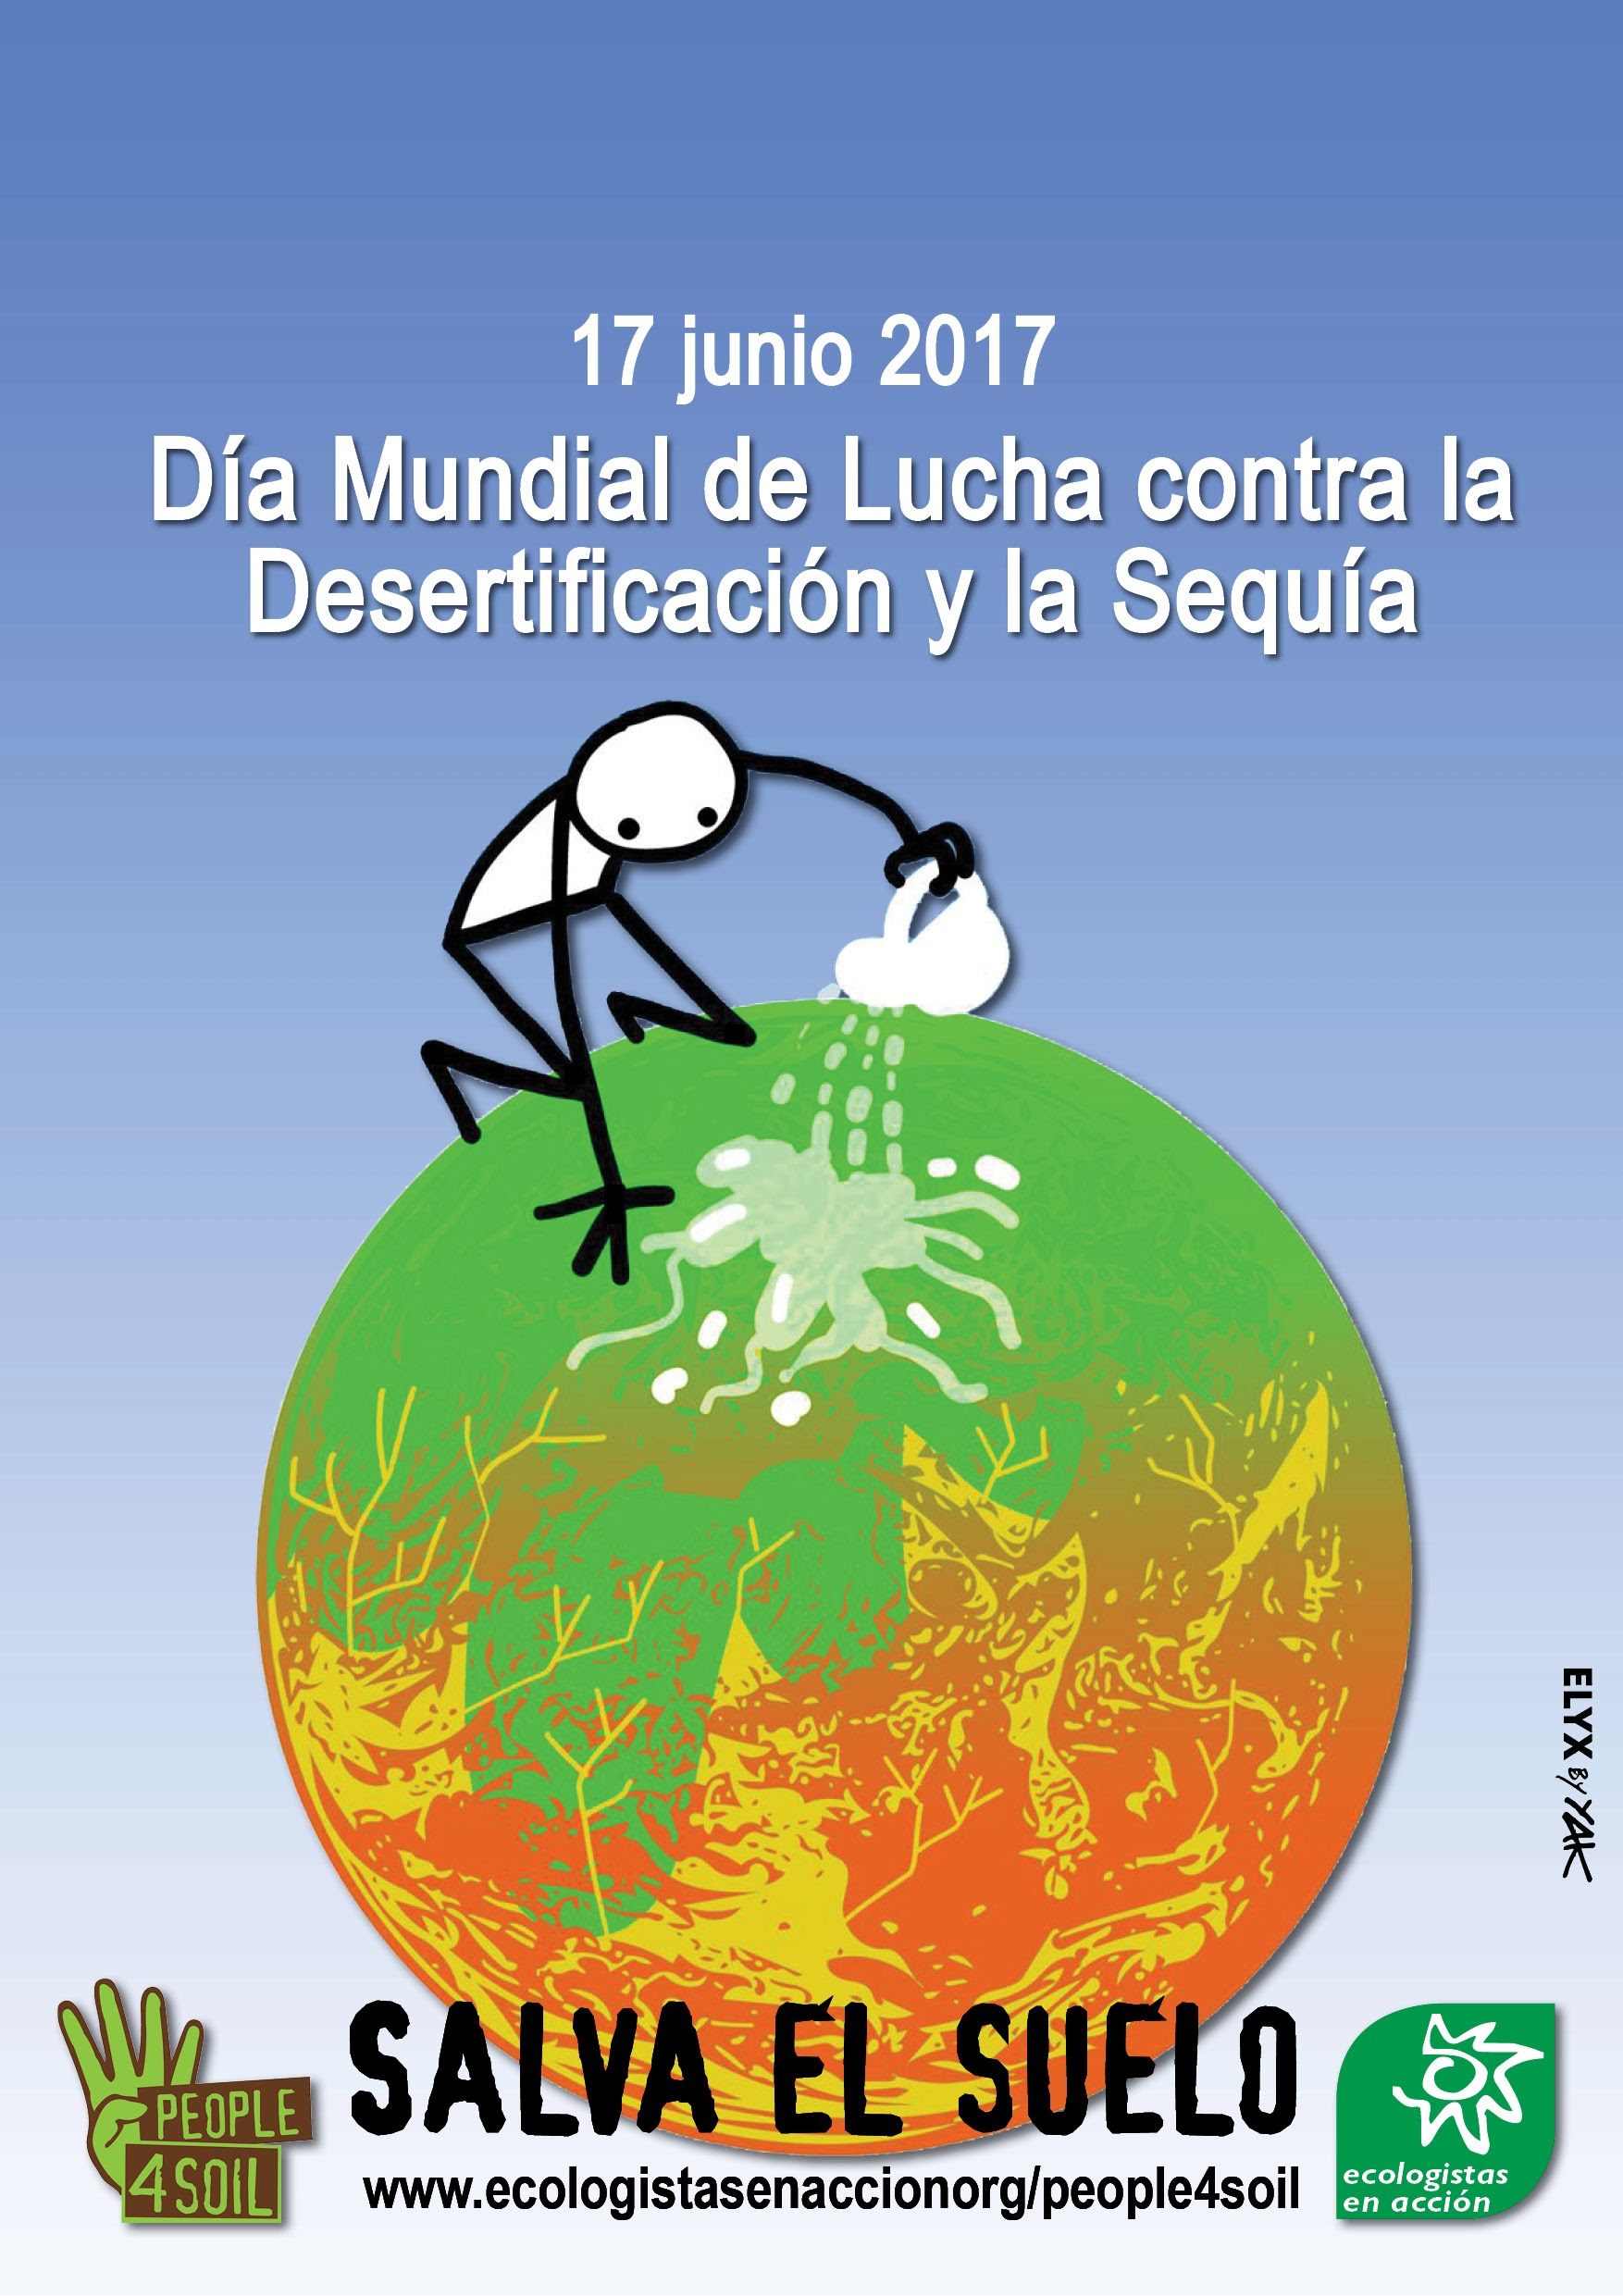 17 de Junio - Dia Mundial de Lucha contra la Desertificación y la Sequia. Imagen de .ecologistasenaccion.org